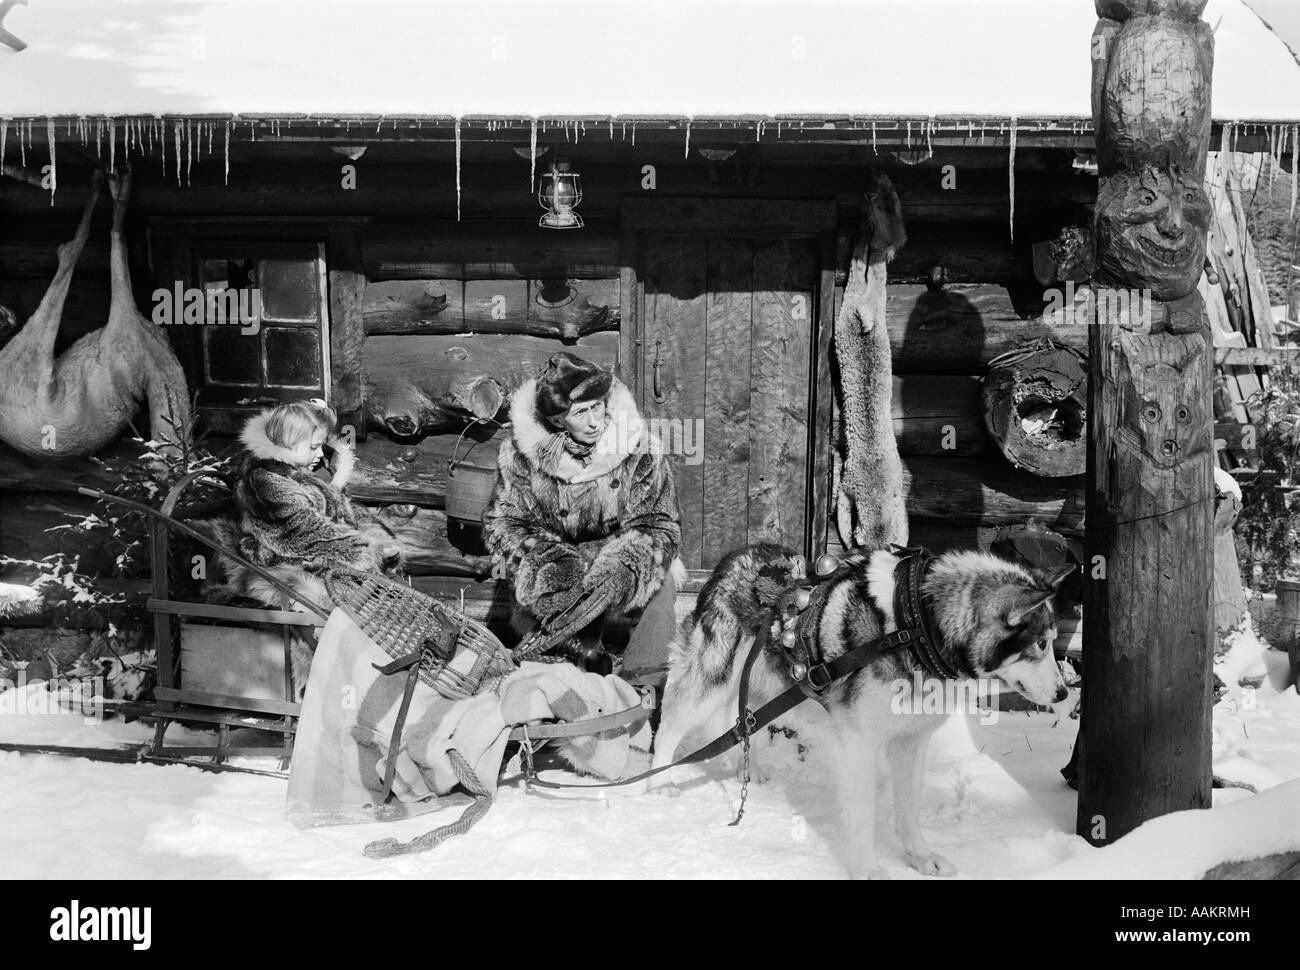 Anni Cinquanta cacciatori CABINA DI CACCIA IN uomo di neve slitta trainata  da cani con bambina 79ac958446a3